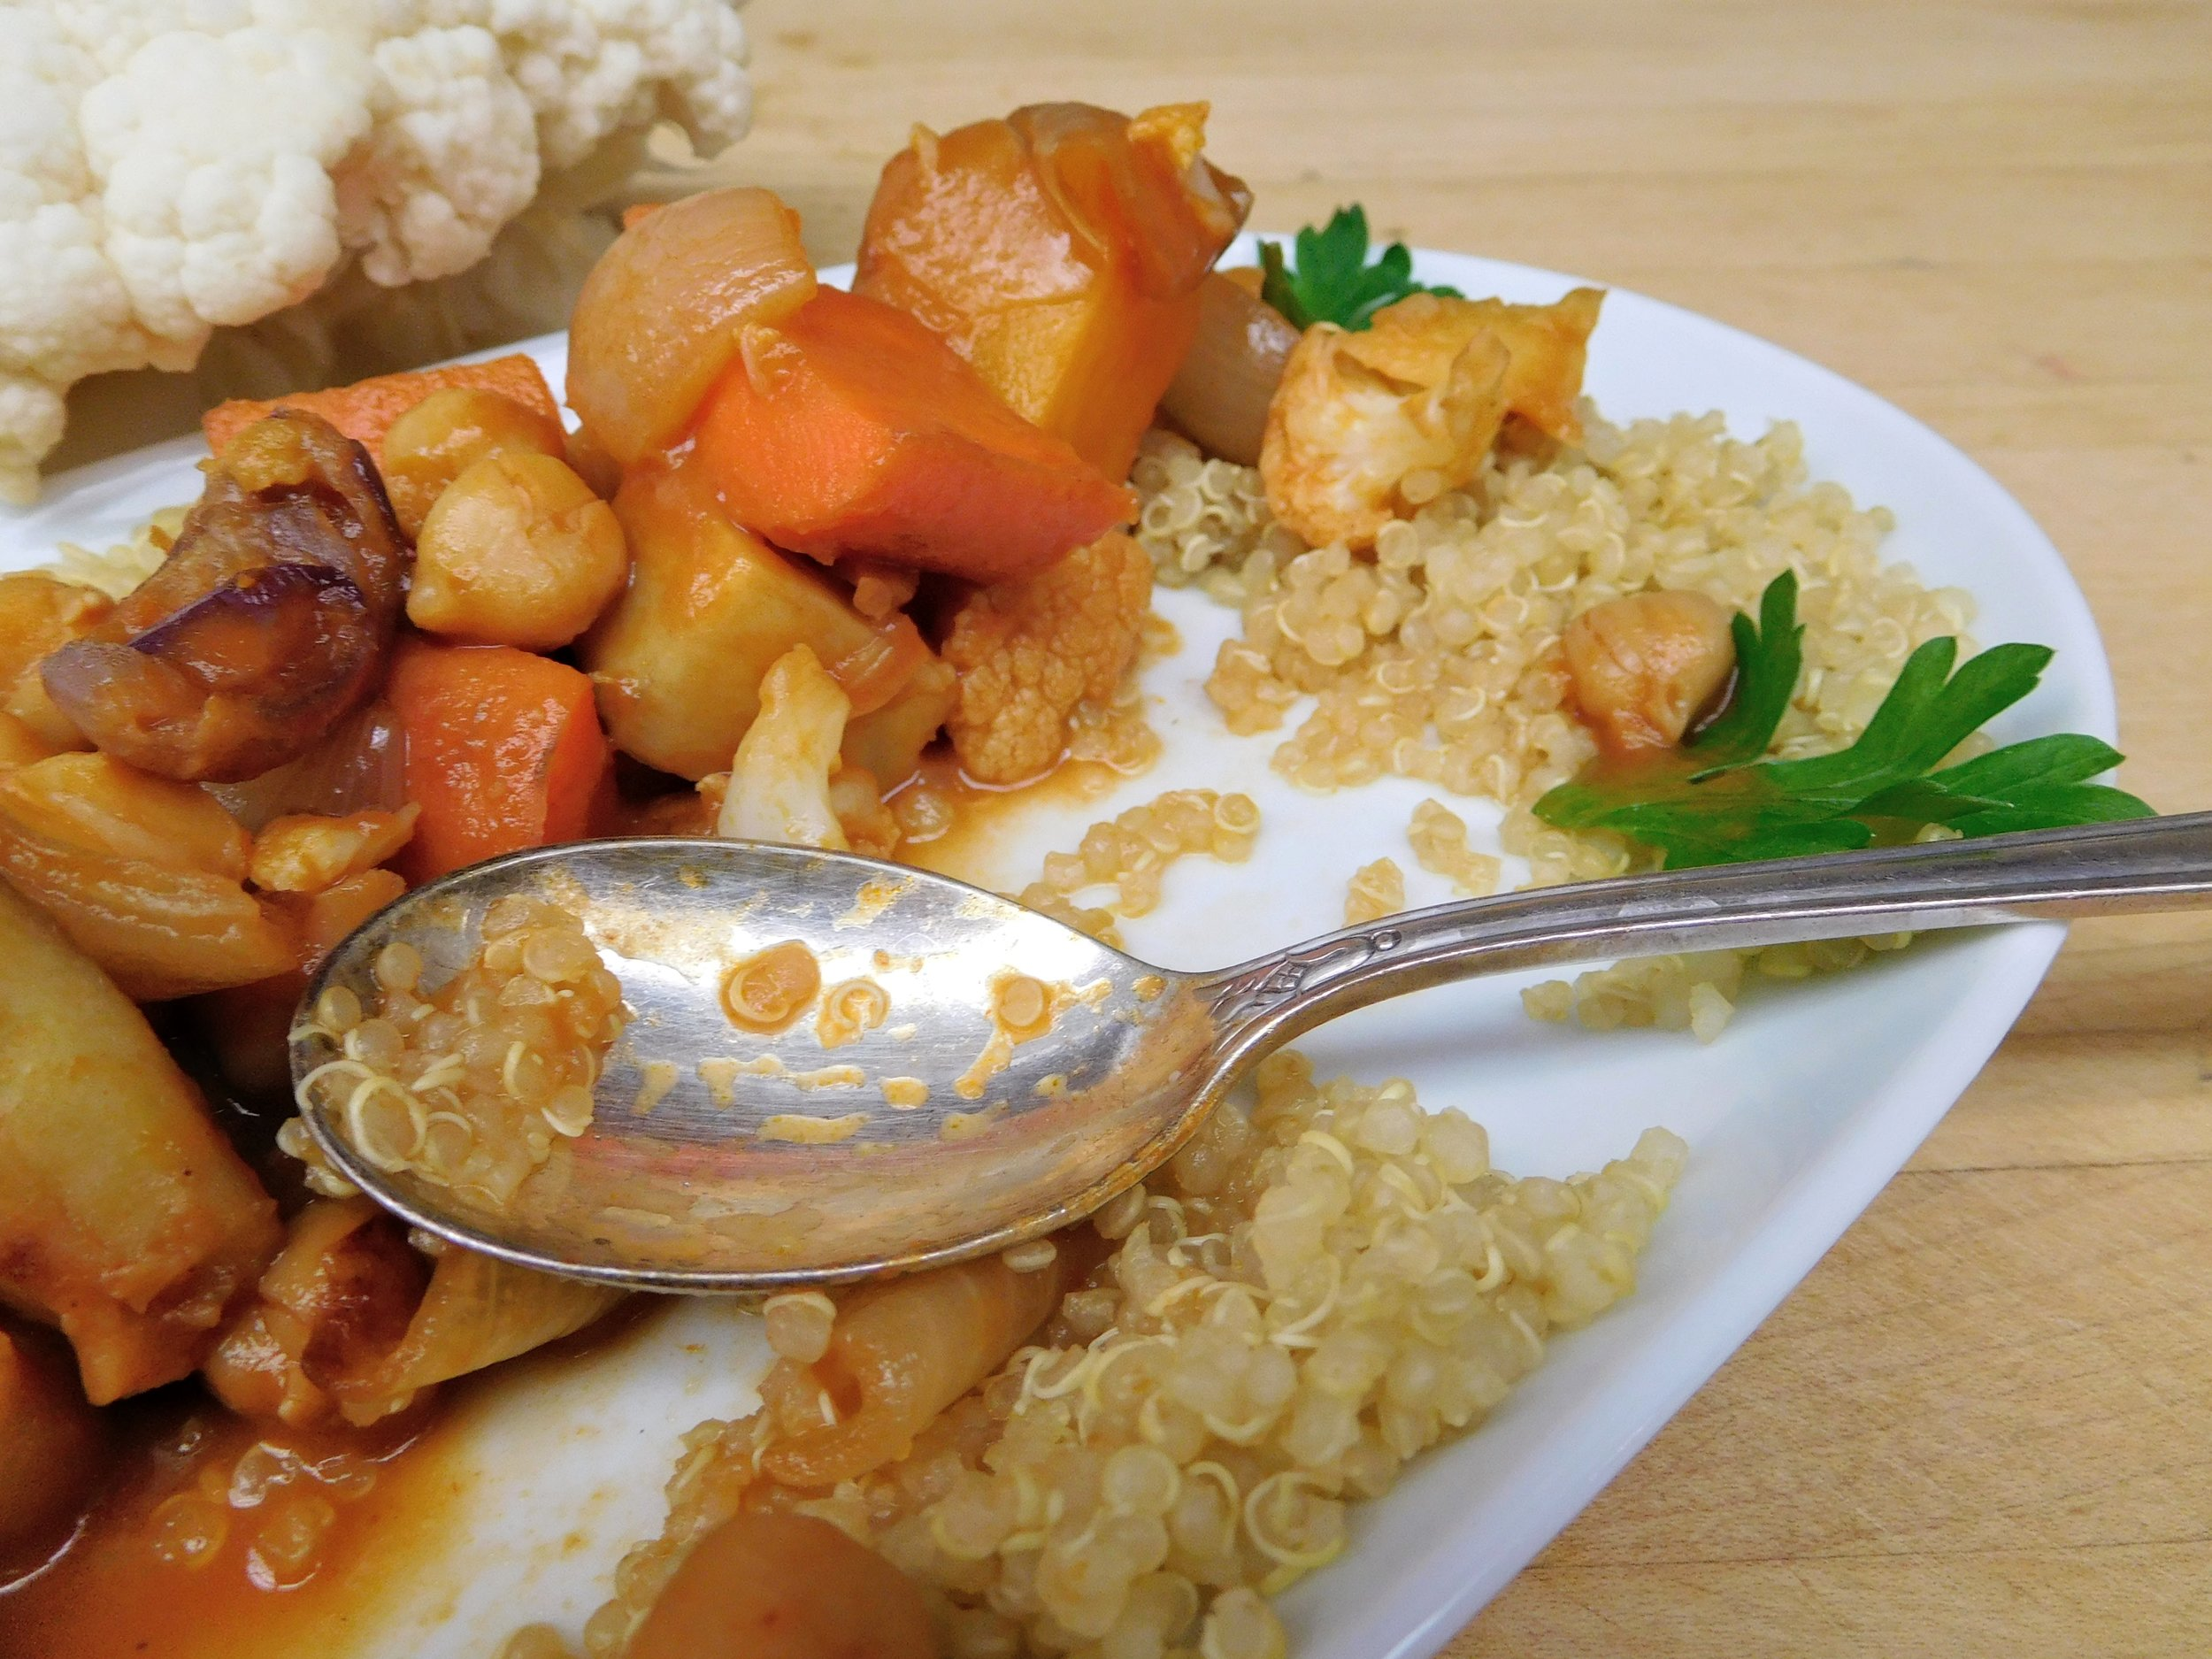 Roasted Vegetable + Chickpea Stew